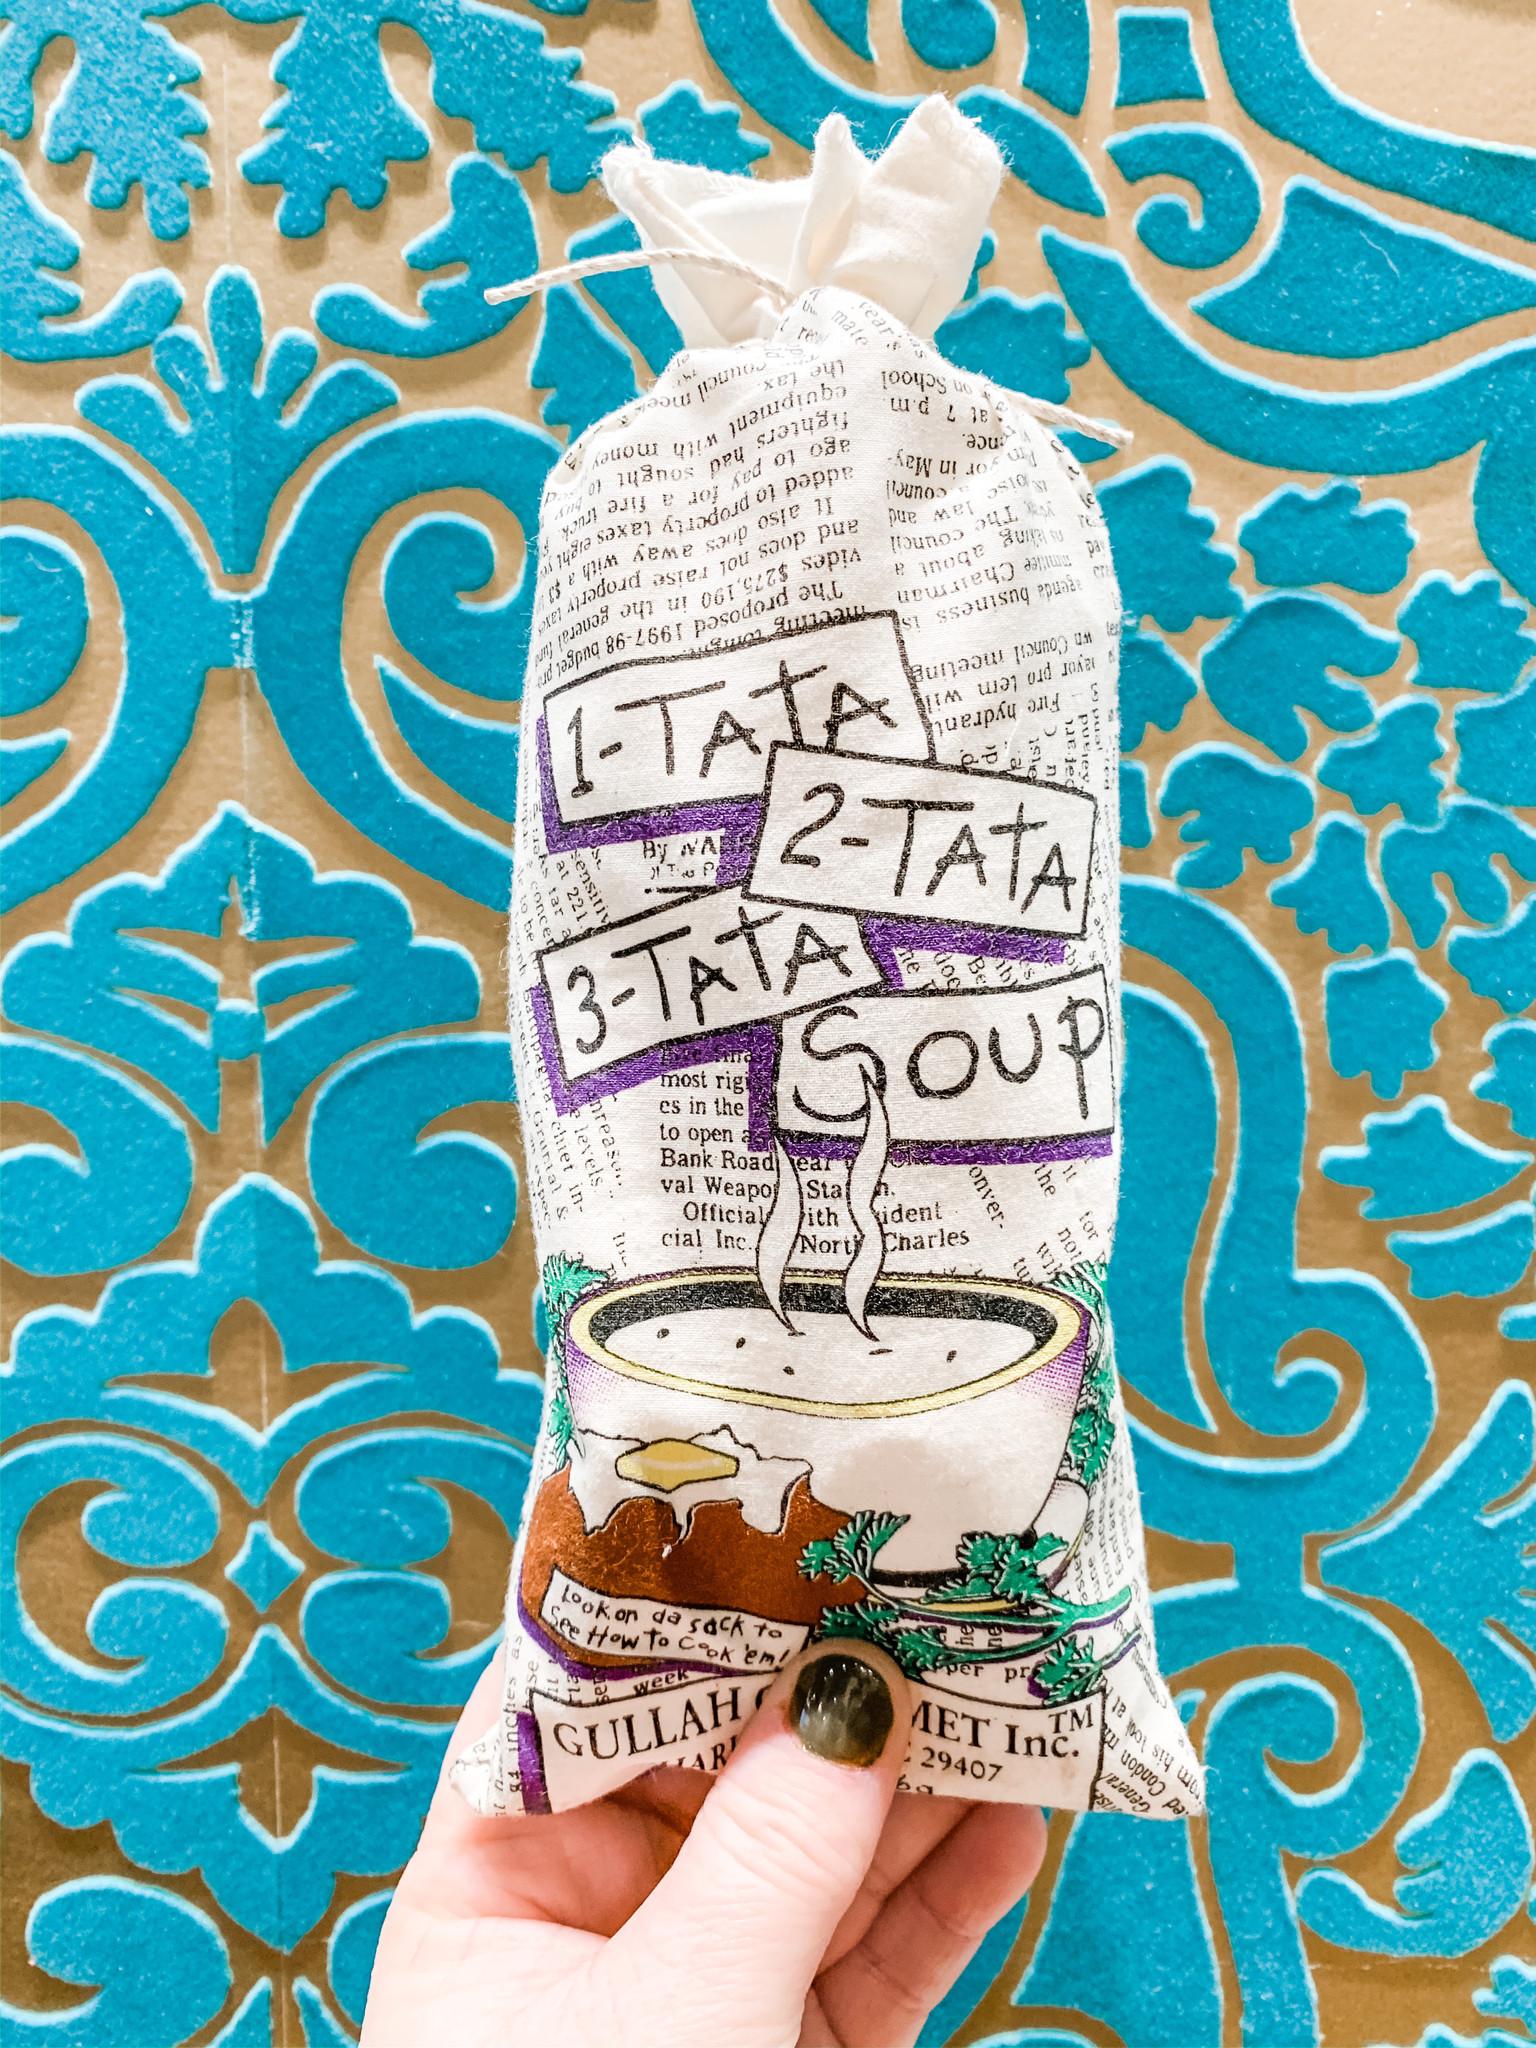 Gullah Gourmet 1-Tata, 2-Tata, 3-Tata Soup